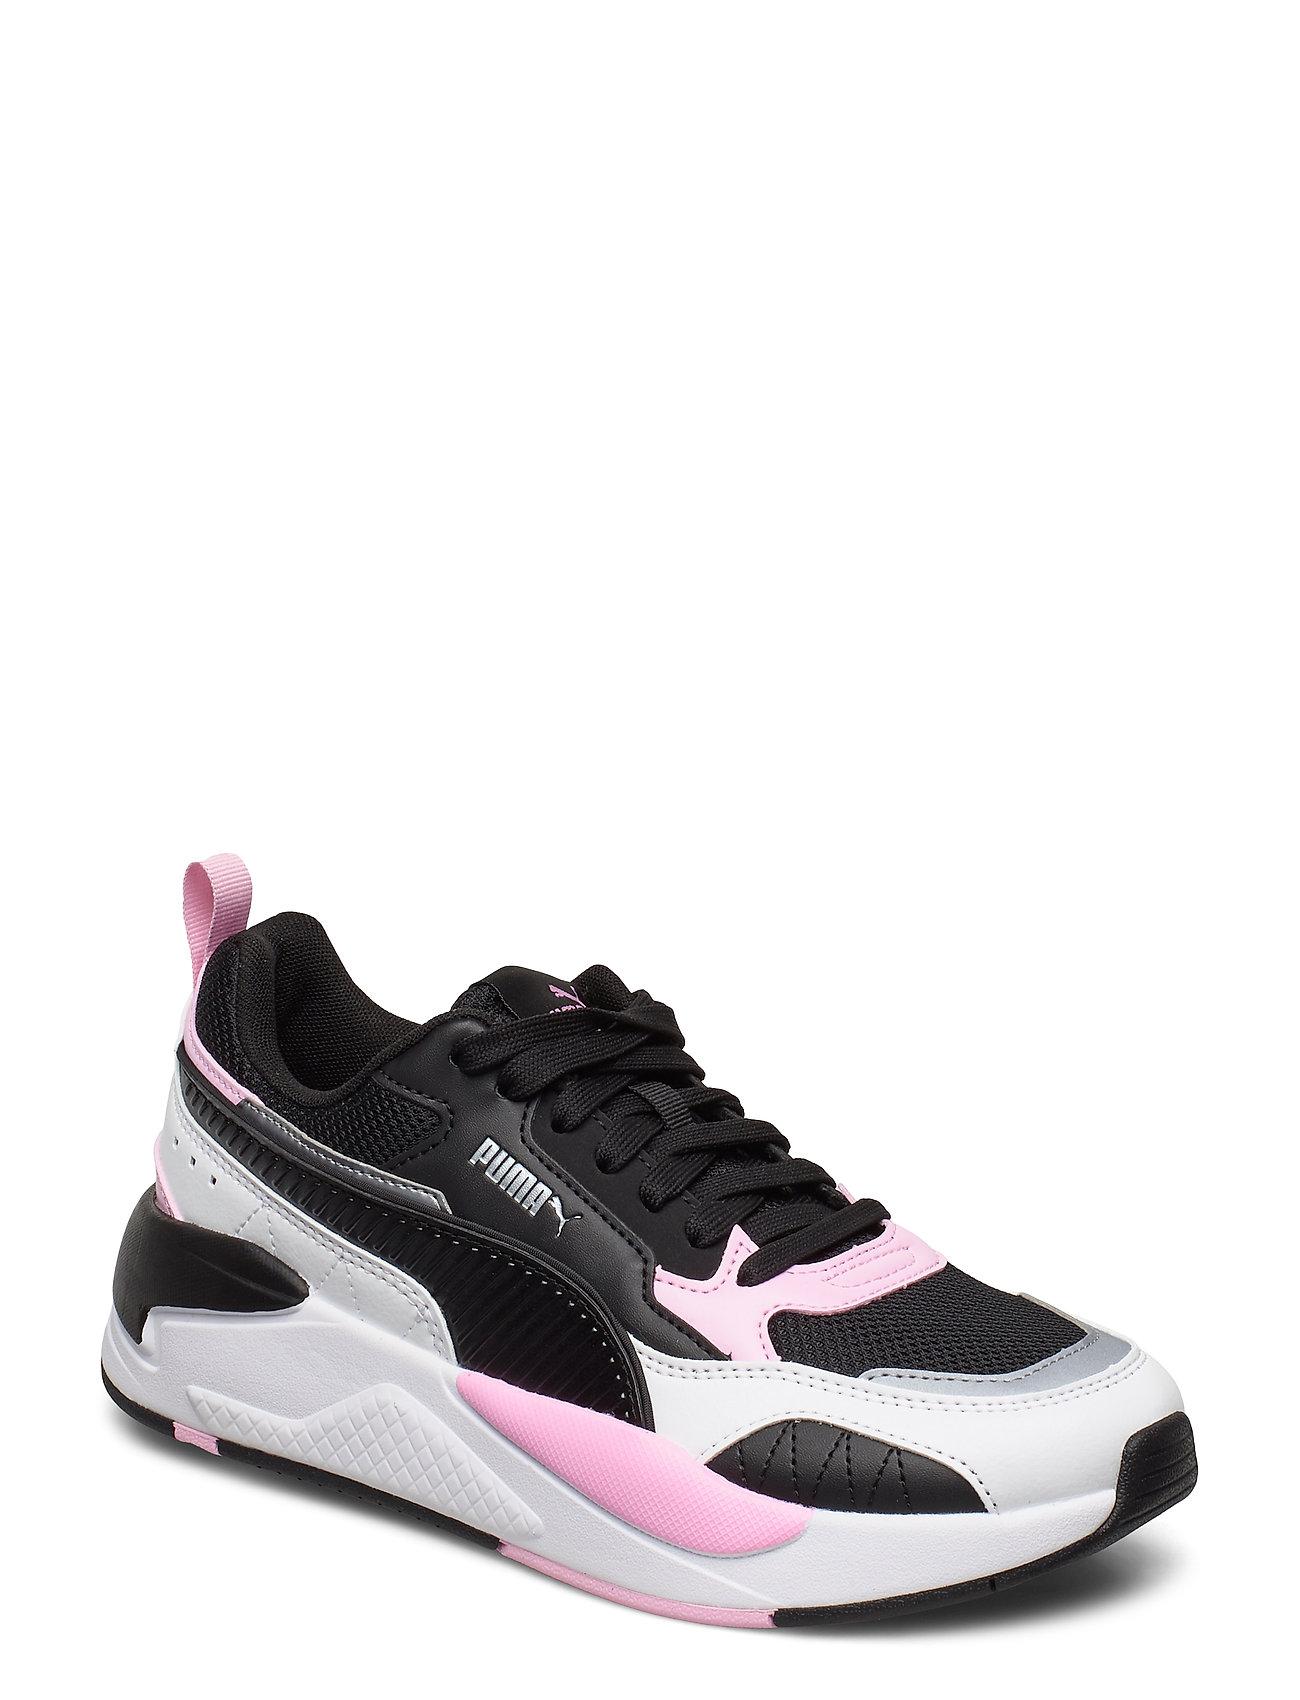 Roze Meisjes Puma Schoenen online kopen? Vergelijk op